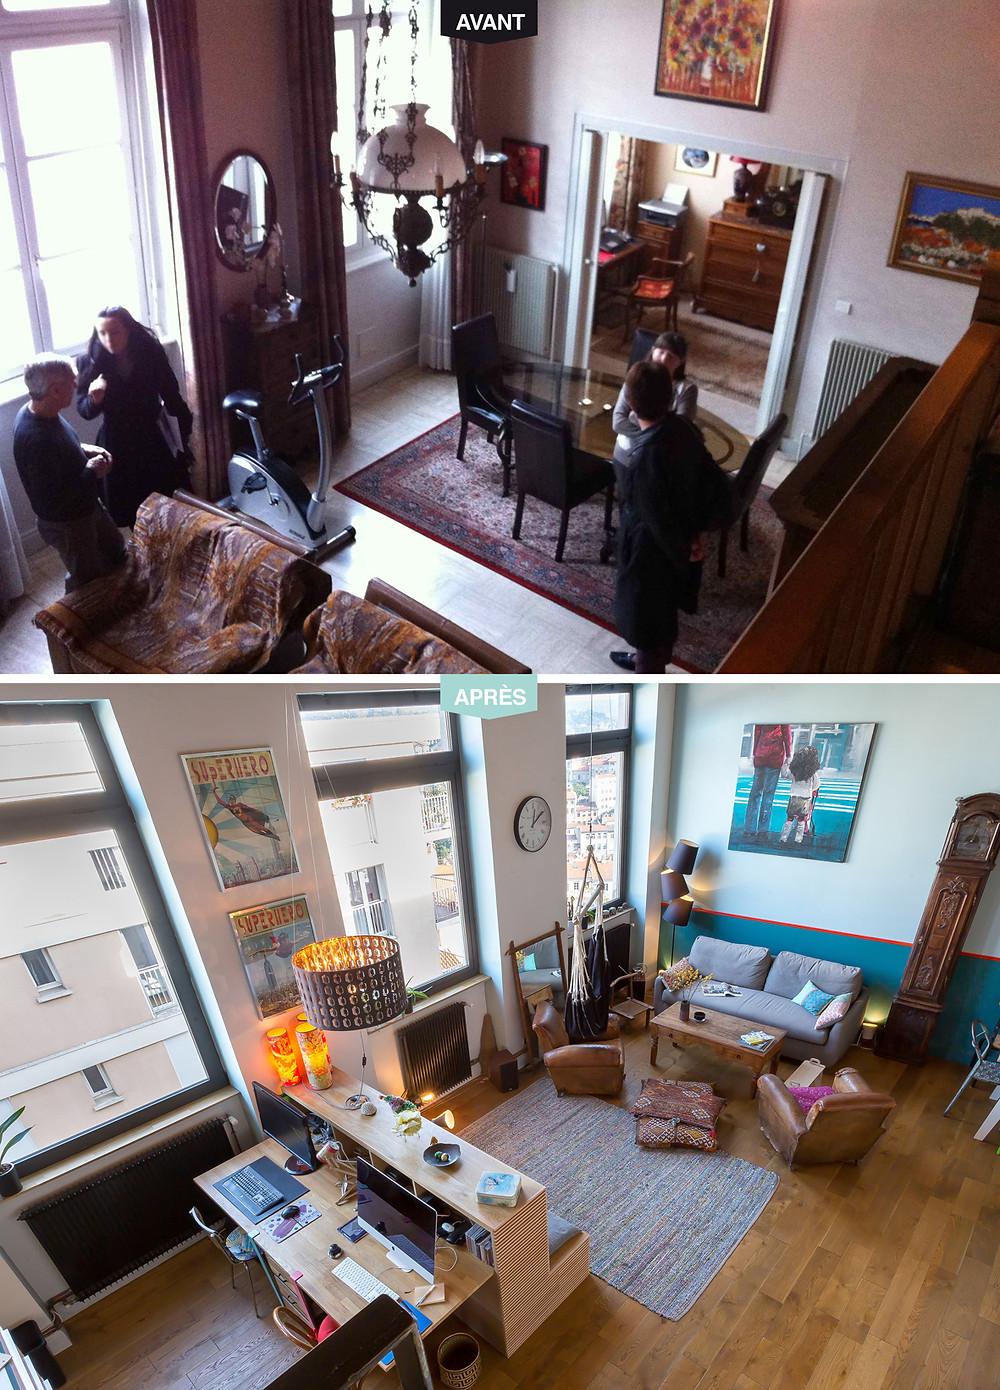 avant-après_piece de vie- Canut Mix & match © lalaklak, décoratrice et architecte d'intérieur Lyon 4 Croix-Rousse